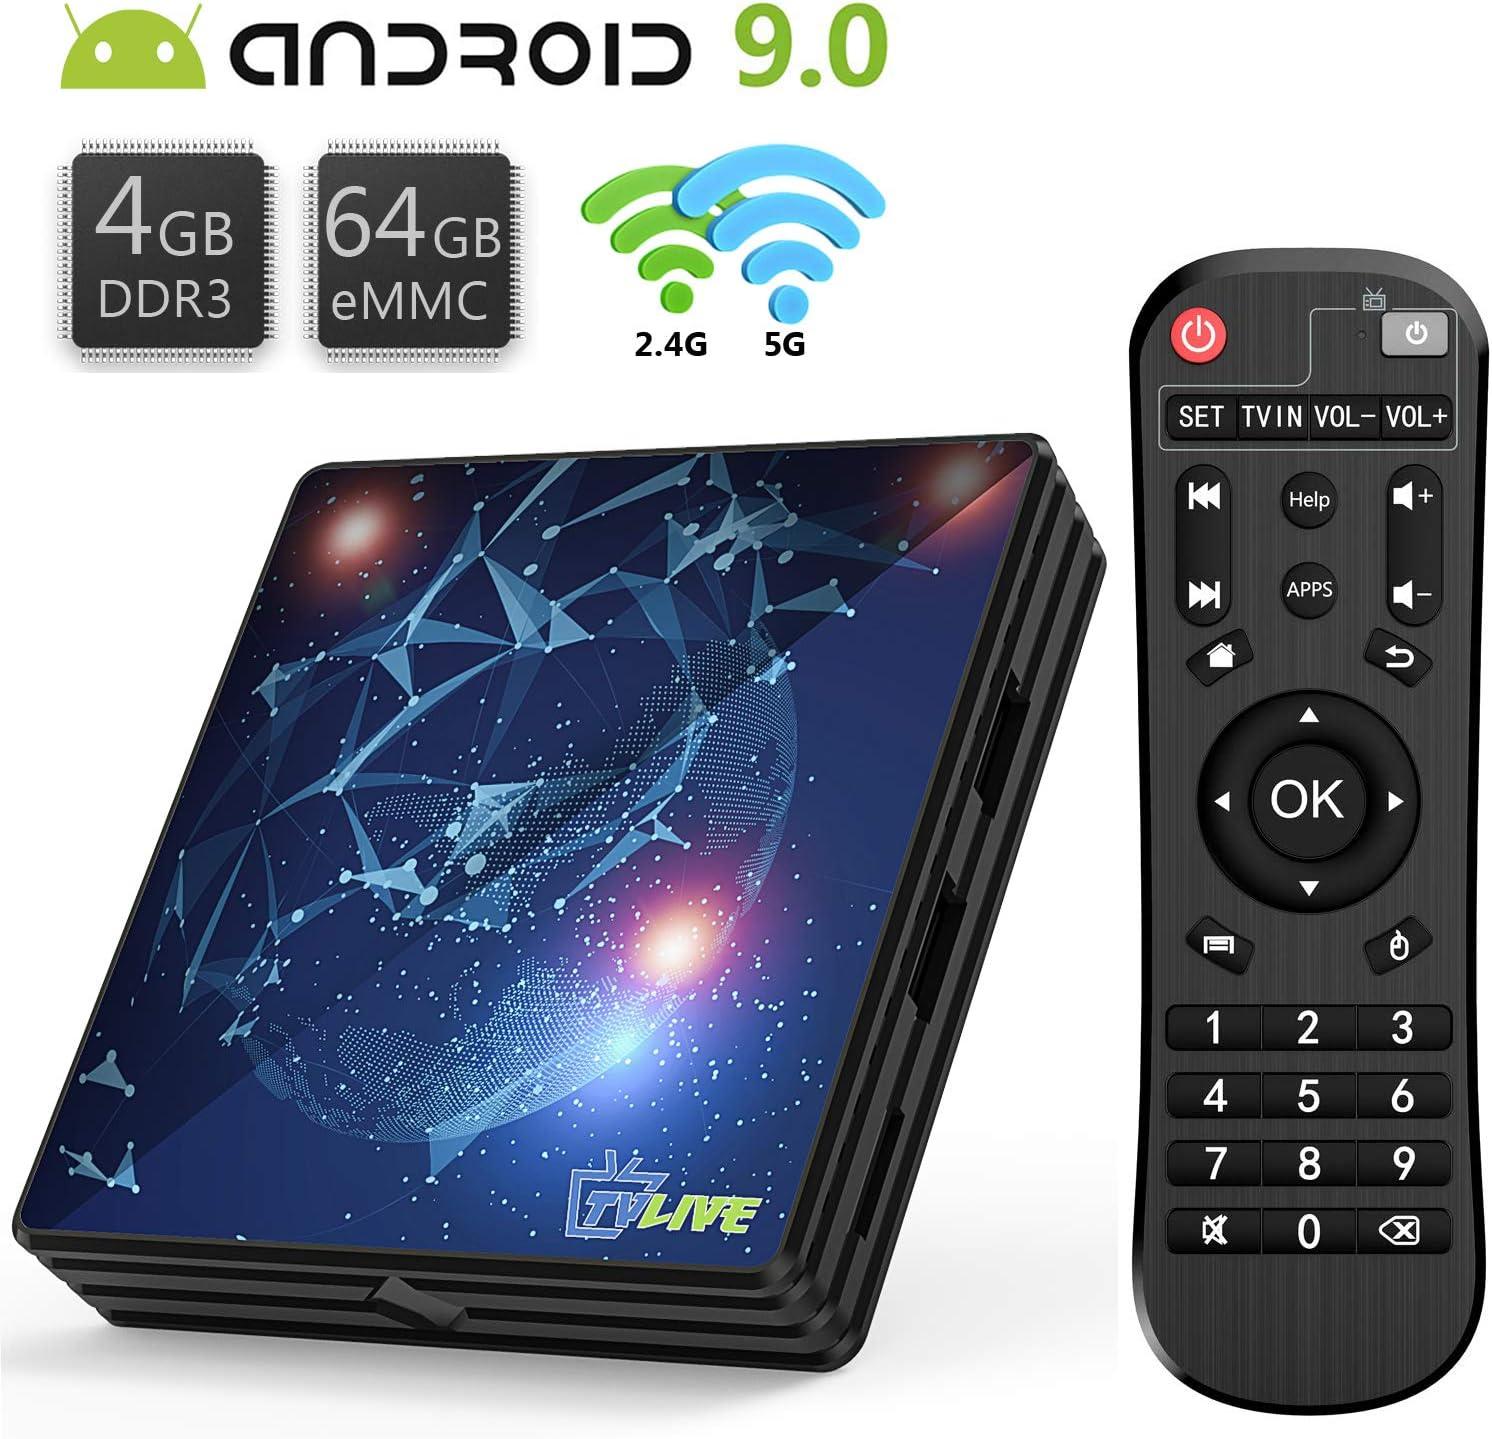 TV Box 9.0, Android TV Box 4 GB RAM 64 GB ROM, Livebox L1 Plus Quad Core 64 bit Smart TV Box, Wi-Fi-Dual 5G/2.4G, BT 4.1, Box TV UHD 4K TV, USB